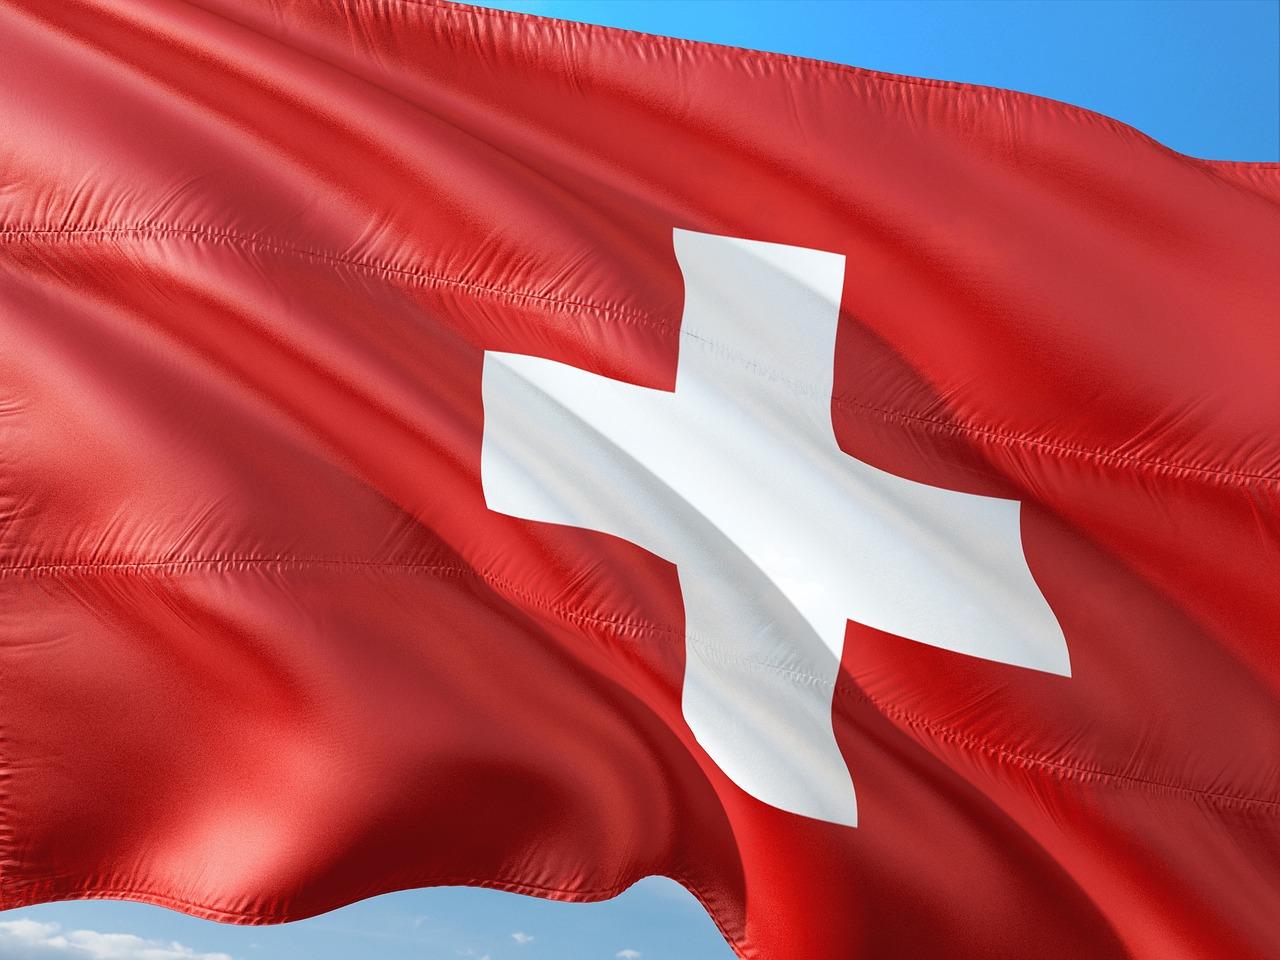 瑞士央行行长:与外币挂钩的稳定币将危害货币政策-区块链315